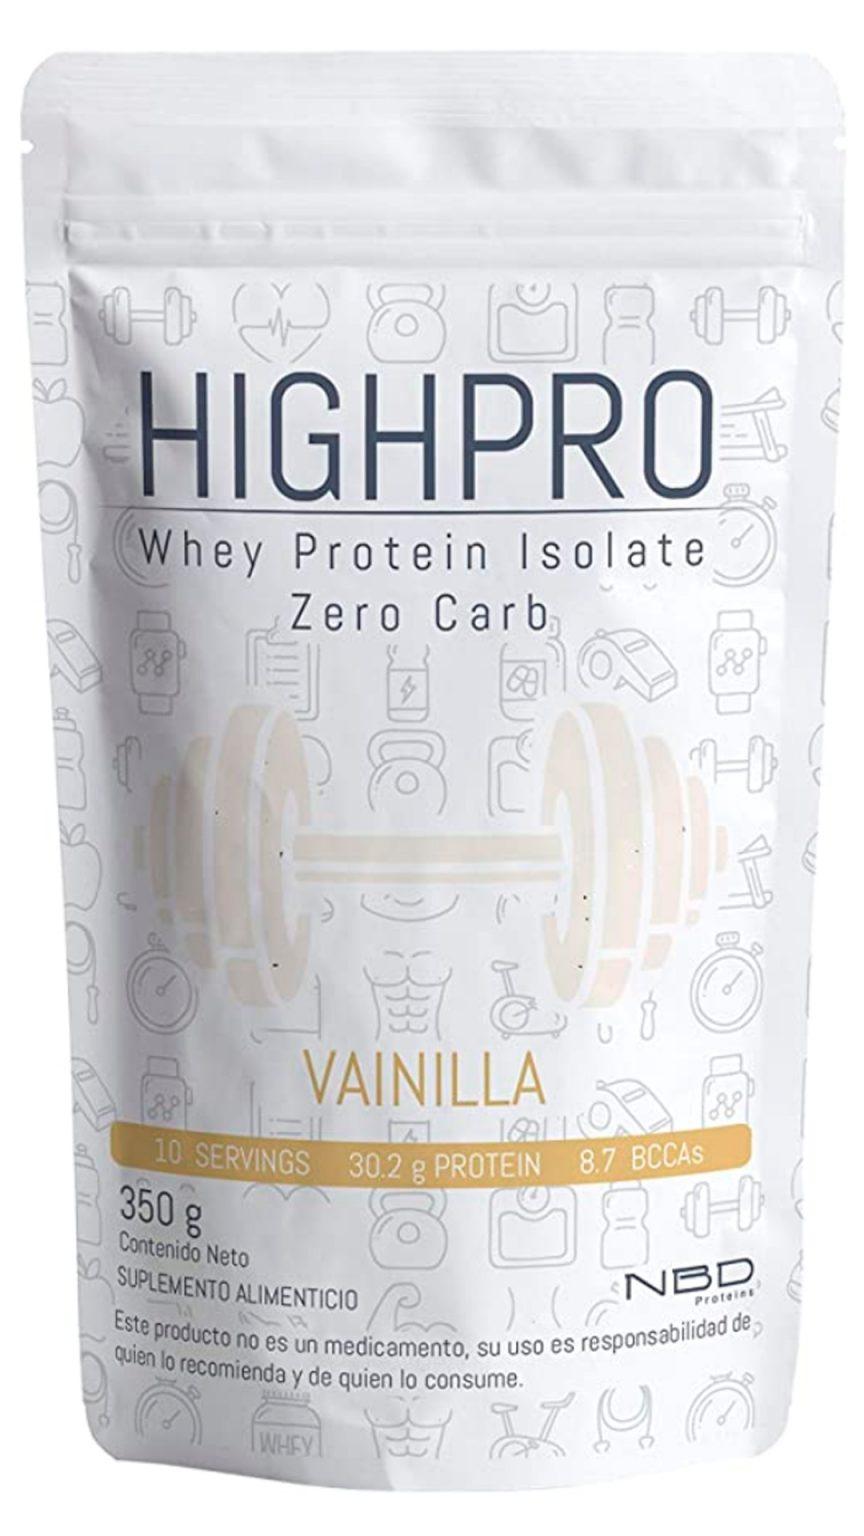 Proteína Zero Carb Sabor Vainilla